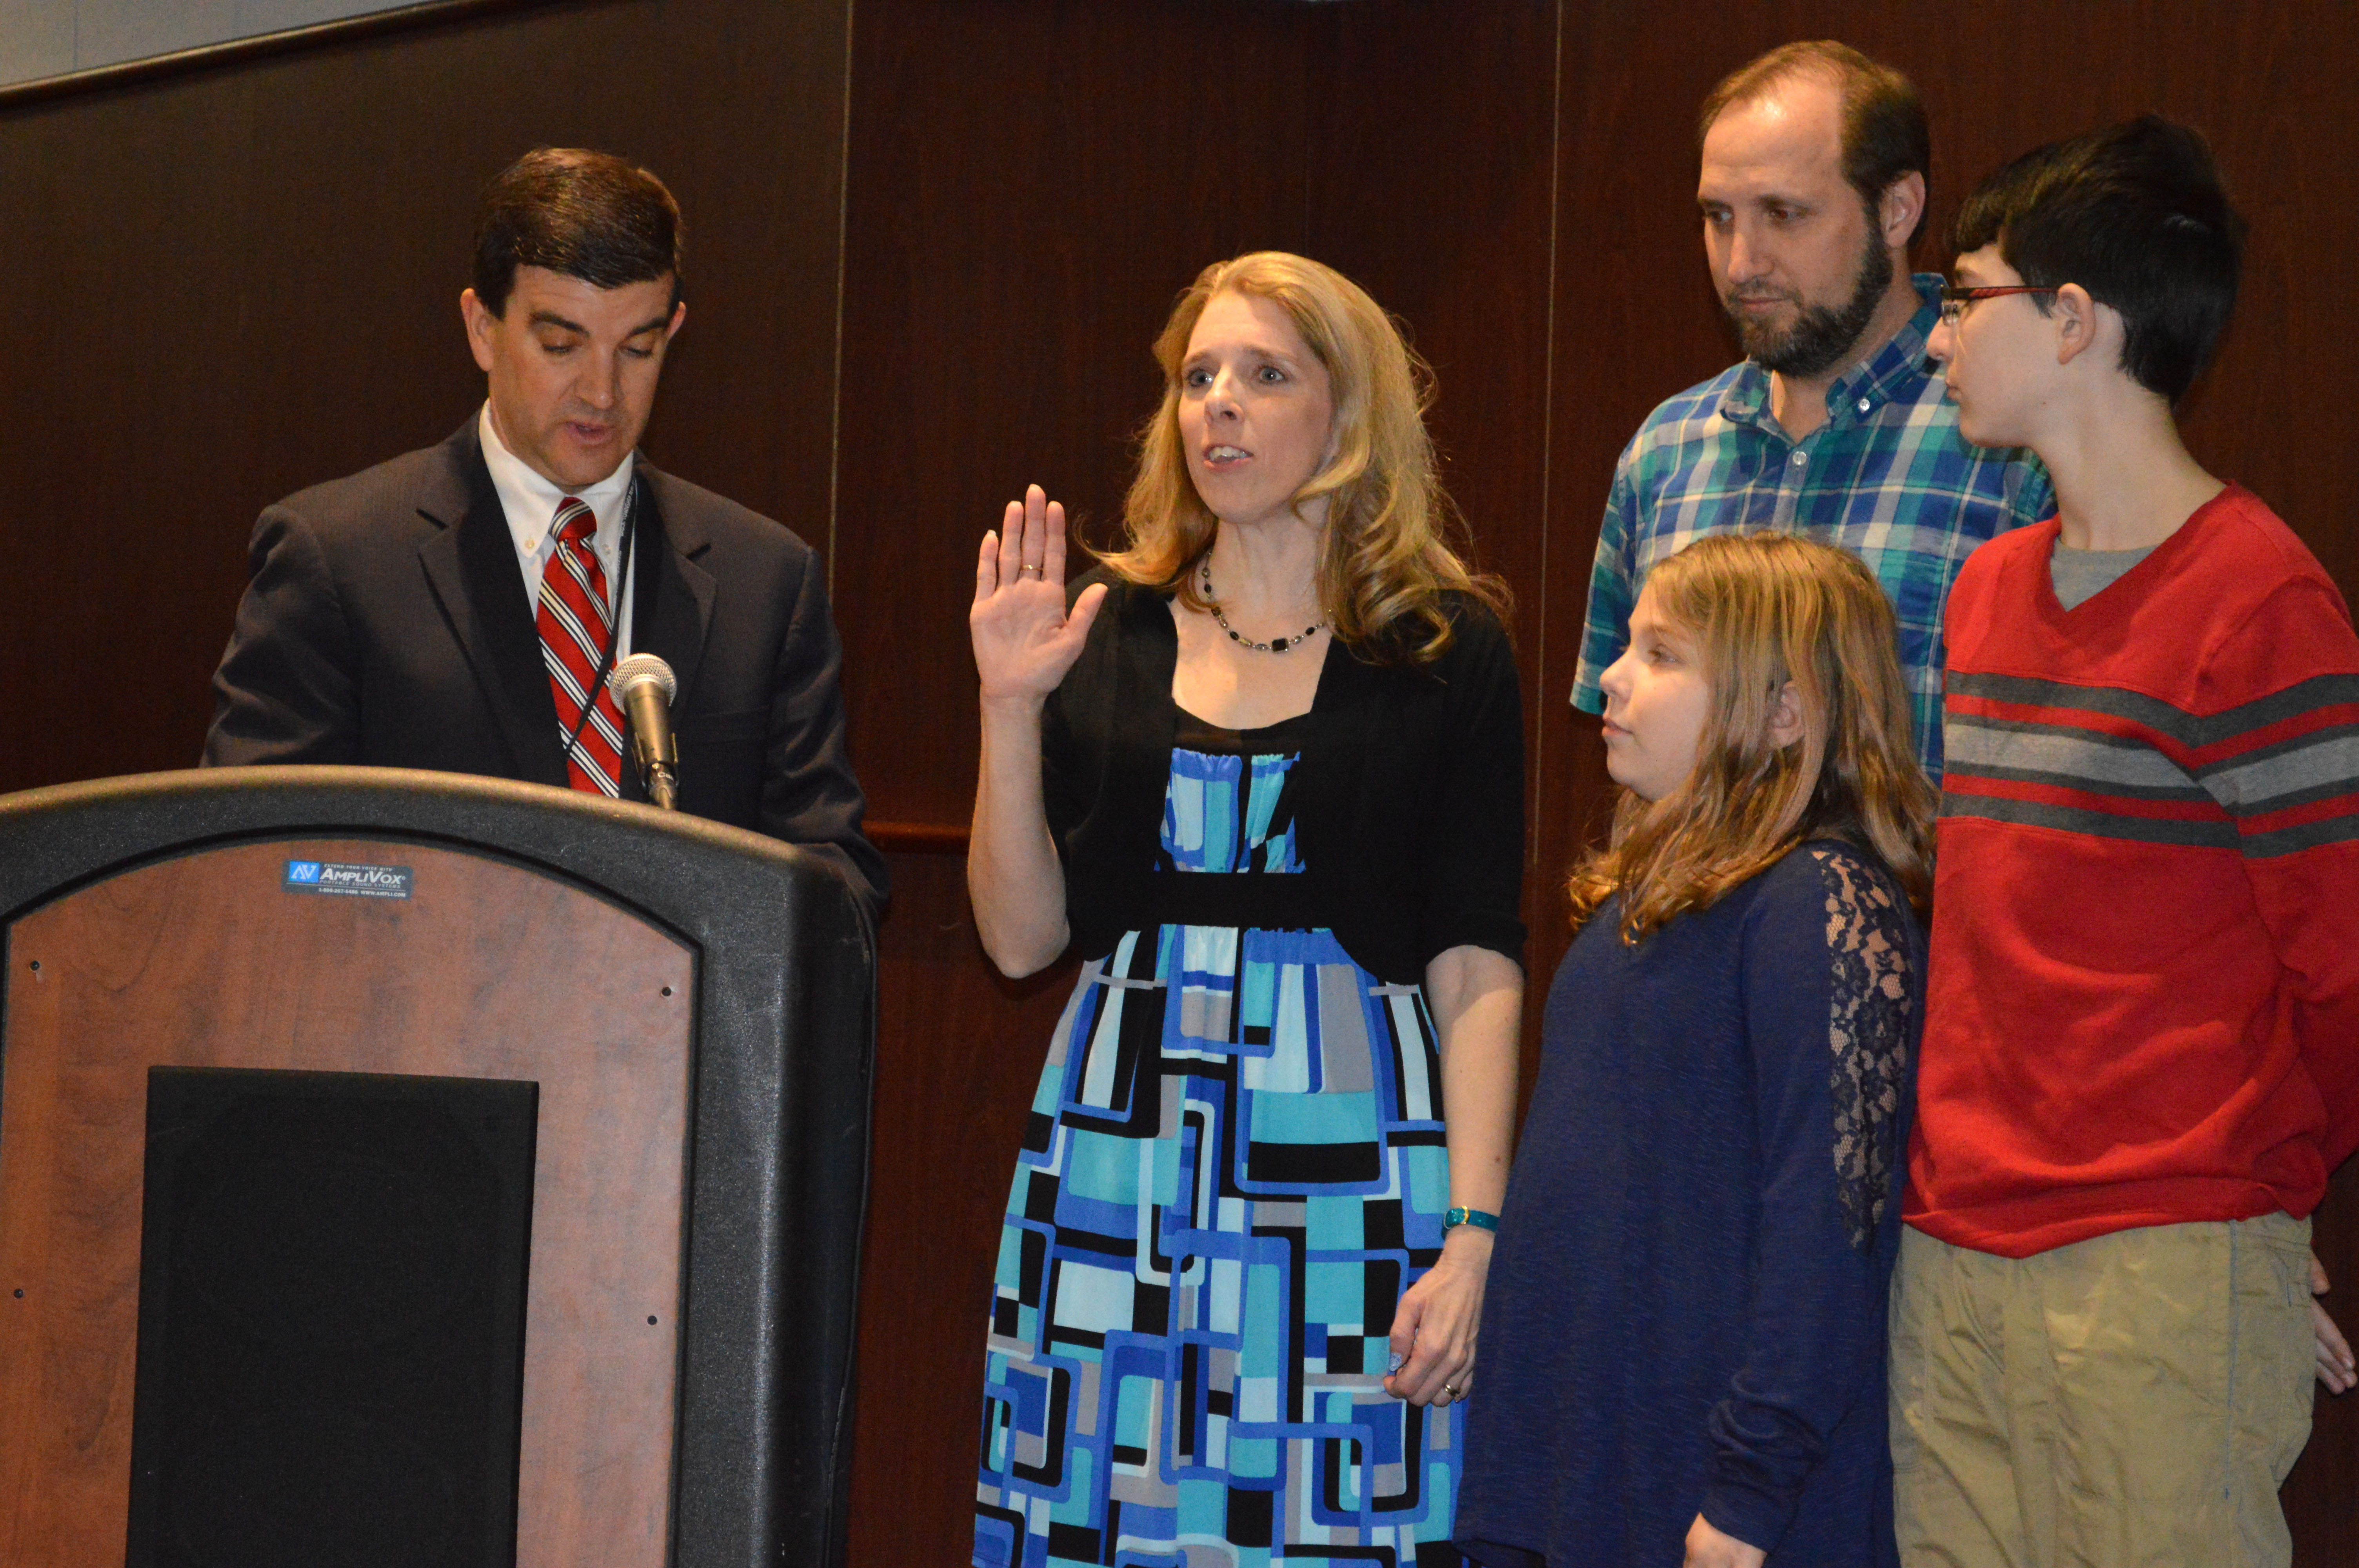 Daisy Haffner is sworn into office as a Brick school board member, Jan. 5, 2017. (Photo: Daniel Nee)